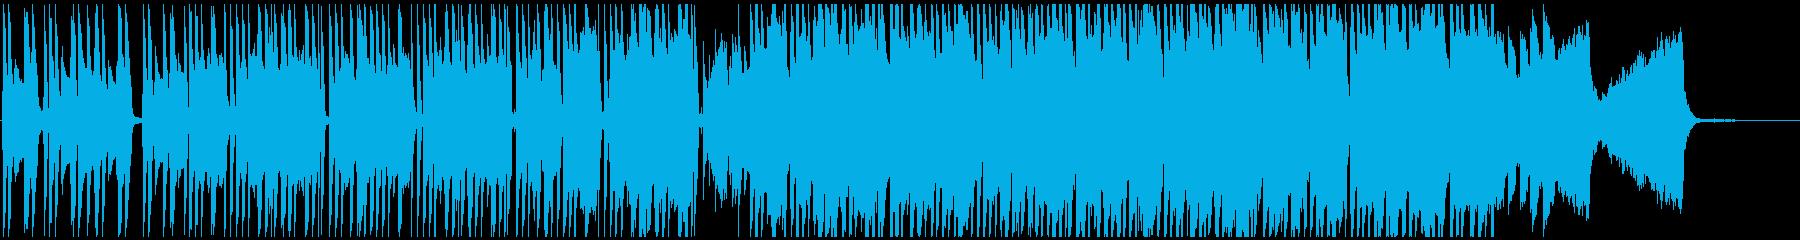 和風で日本を感じるアジアンLo-fi の再生済みの波形